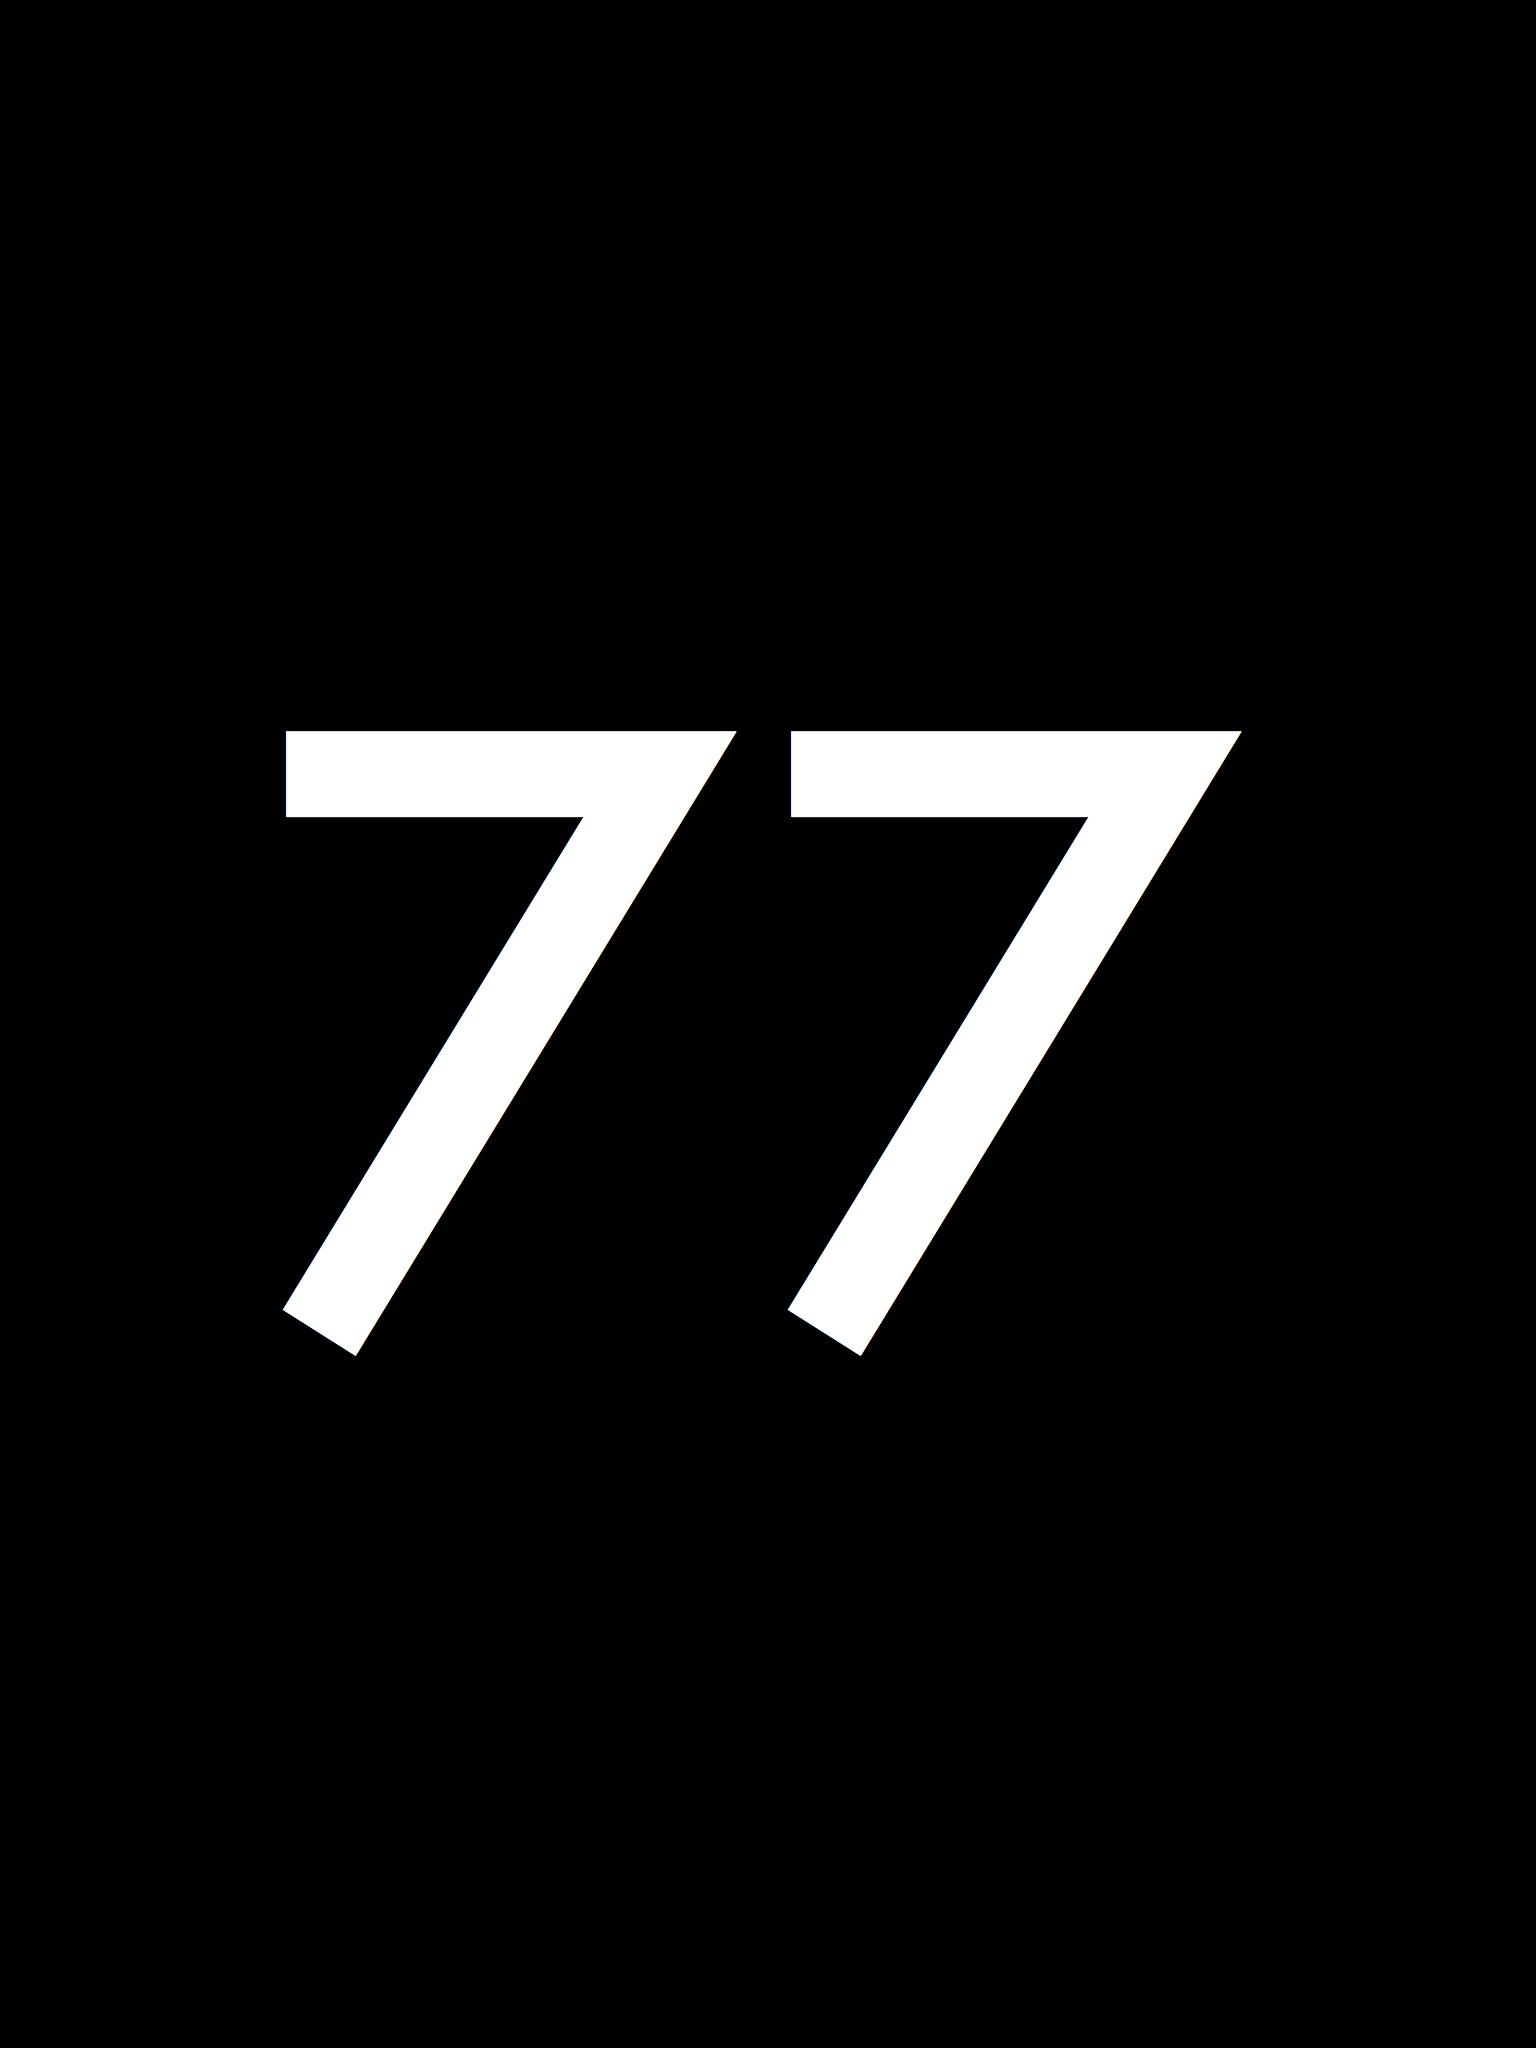 Black_Number.077.jpg